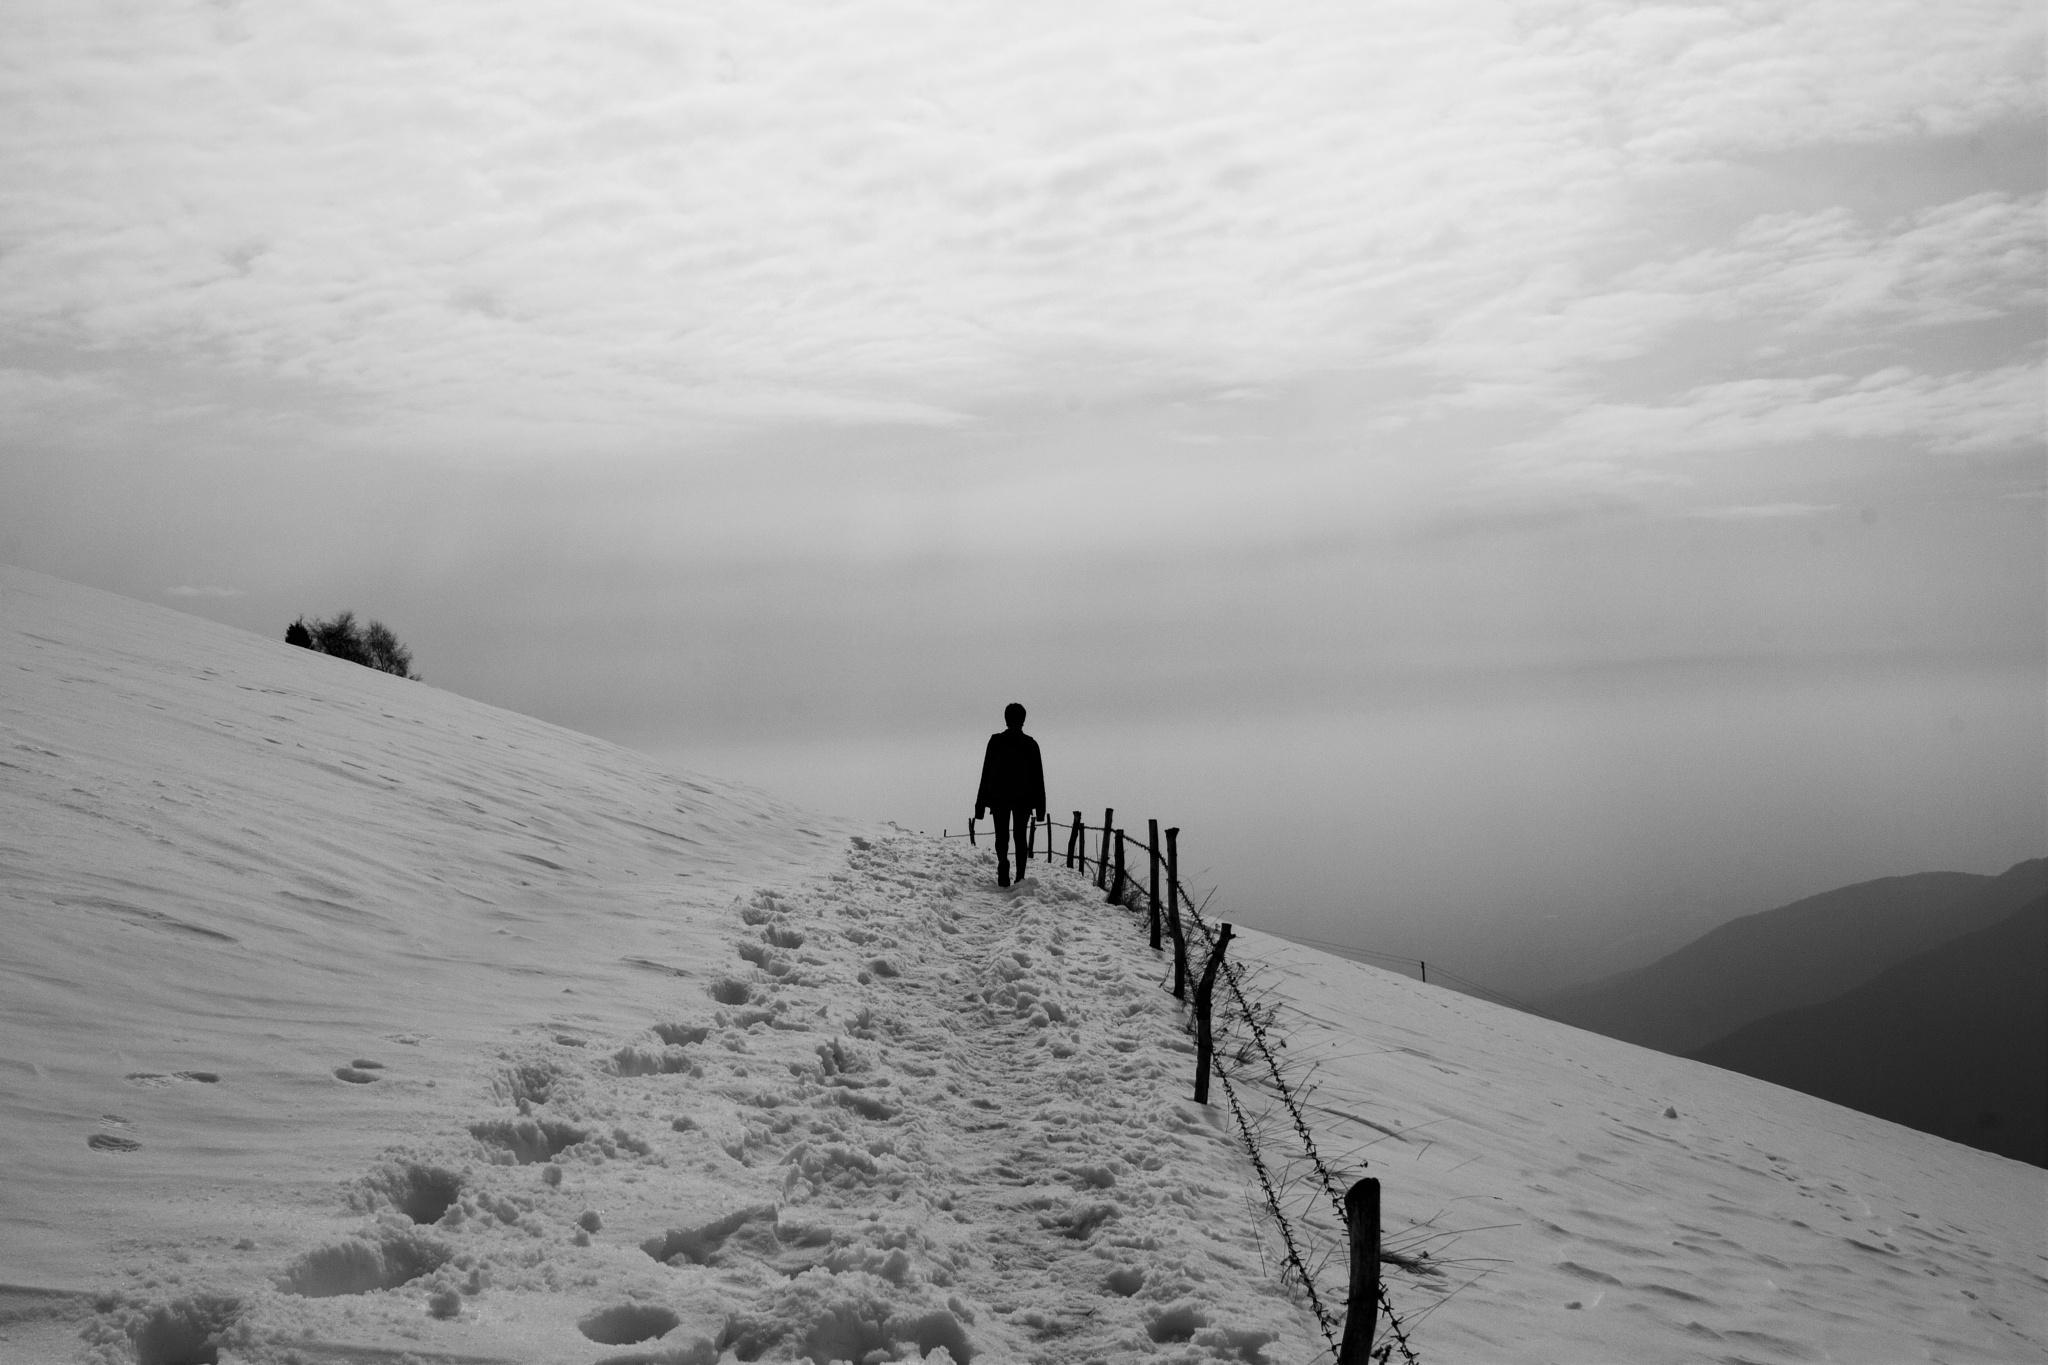 on the snow by Chiara Darù